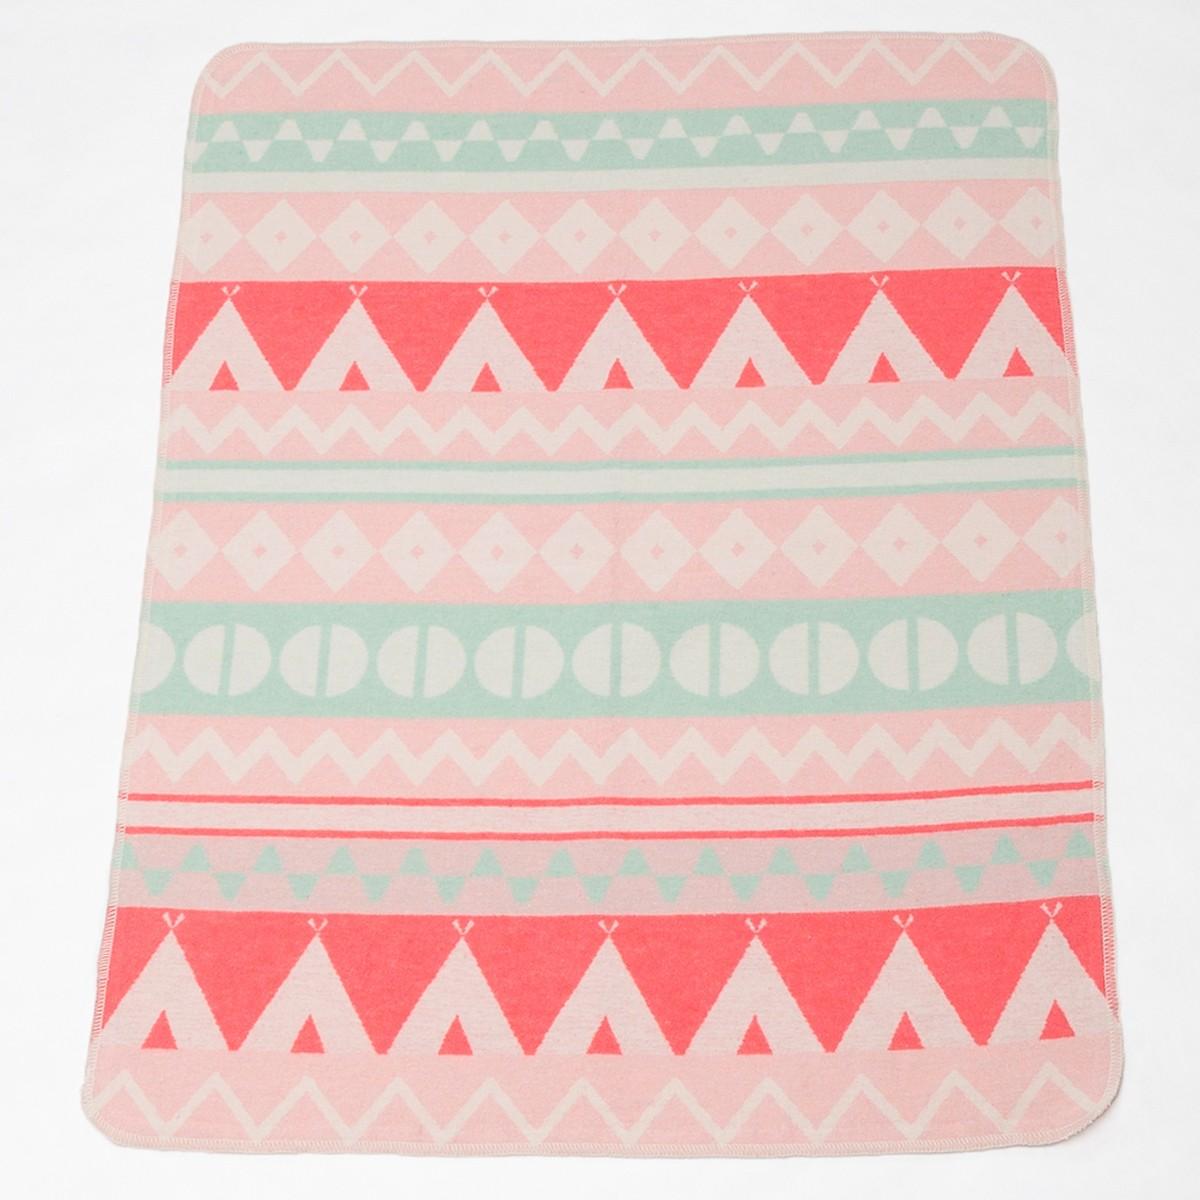 Κουβέρτα Fleece Αγκαλιάς David Fussenegger Juwel 6763/14 home   βρεφικά   κουβέρτες βρεφικές   κουβέρτες fleece